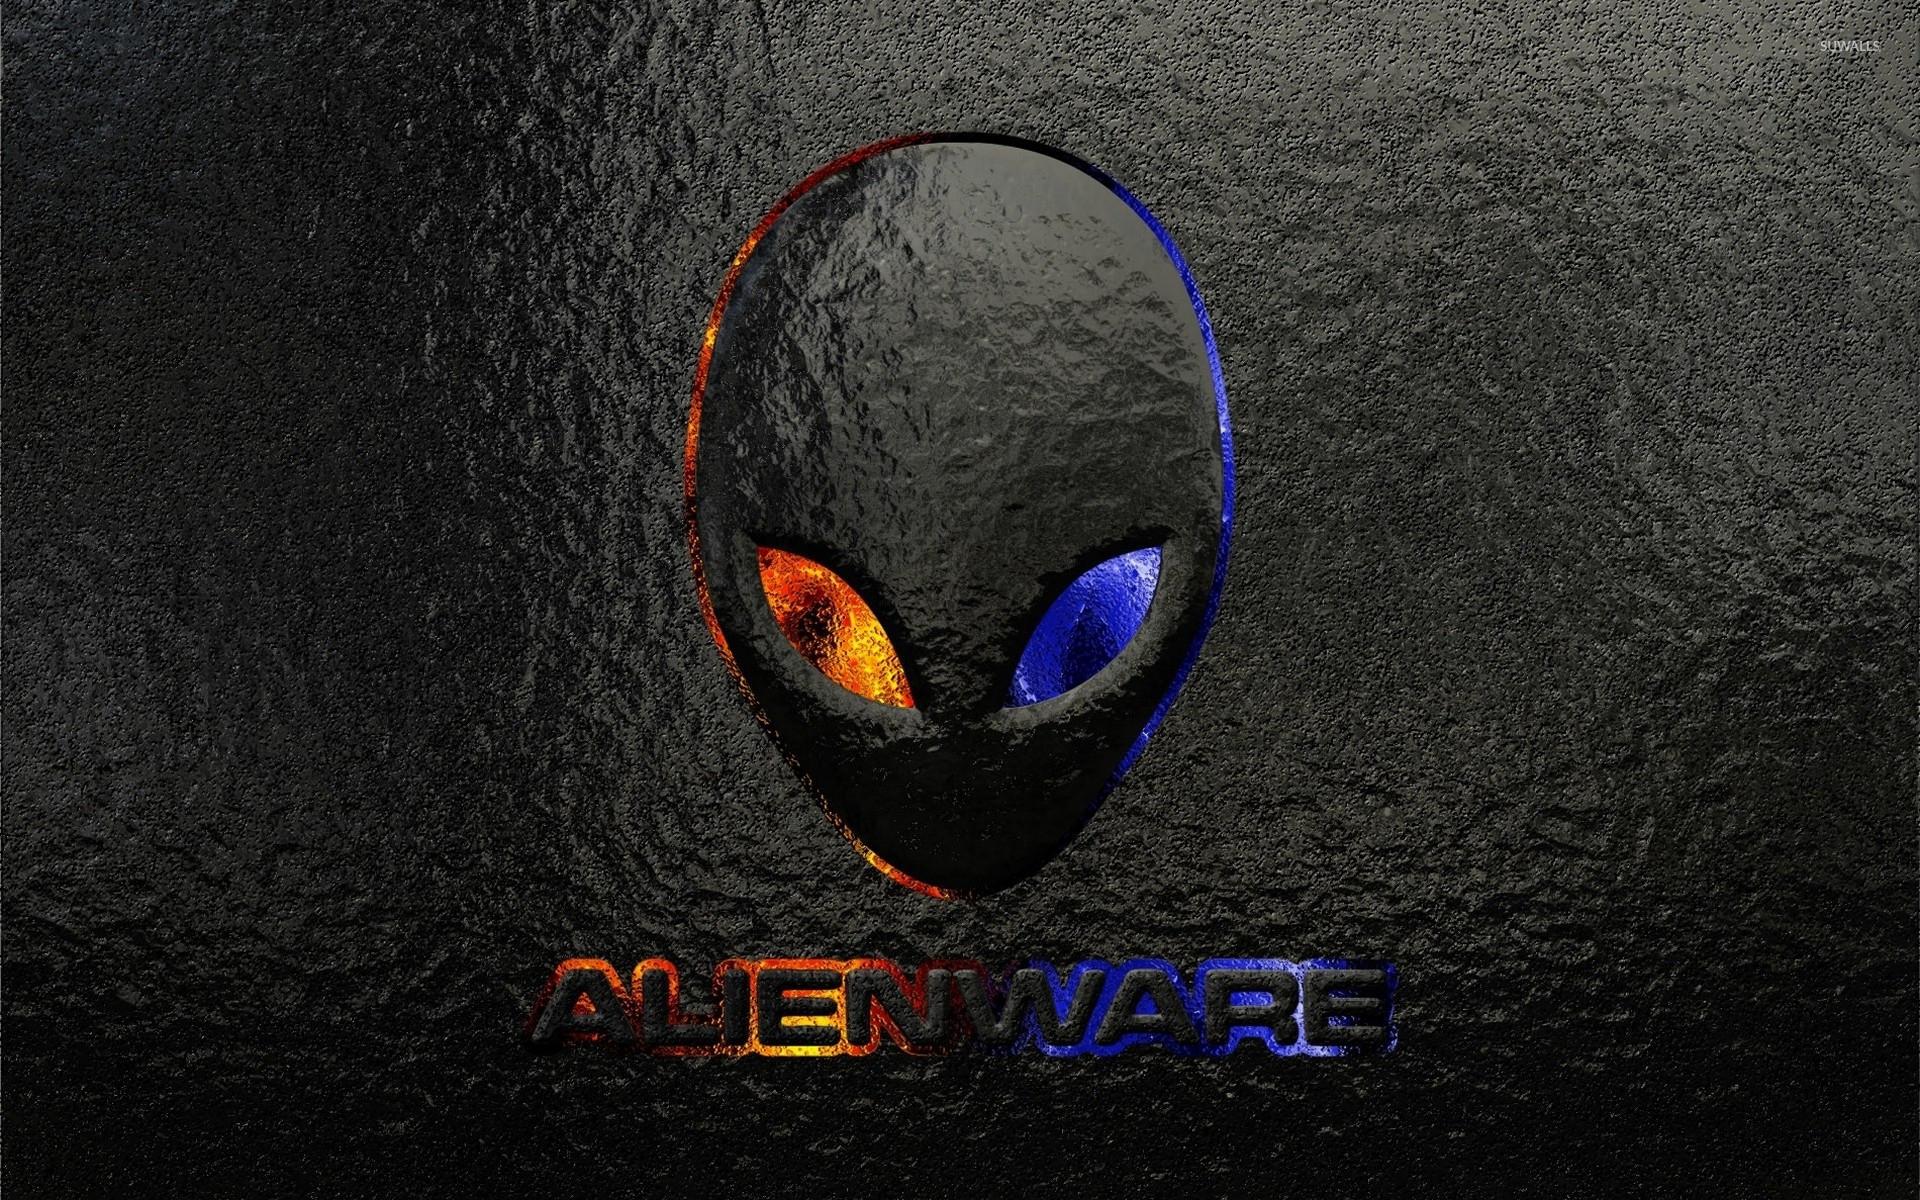 Alienware wallpapers